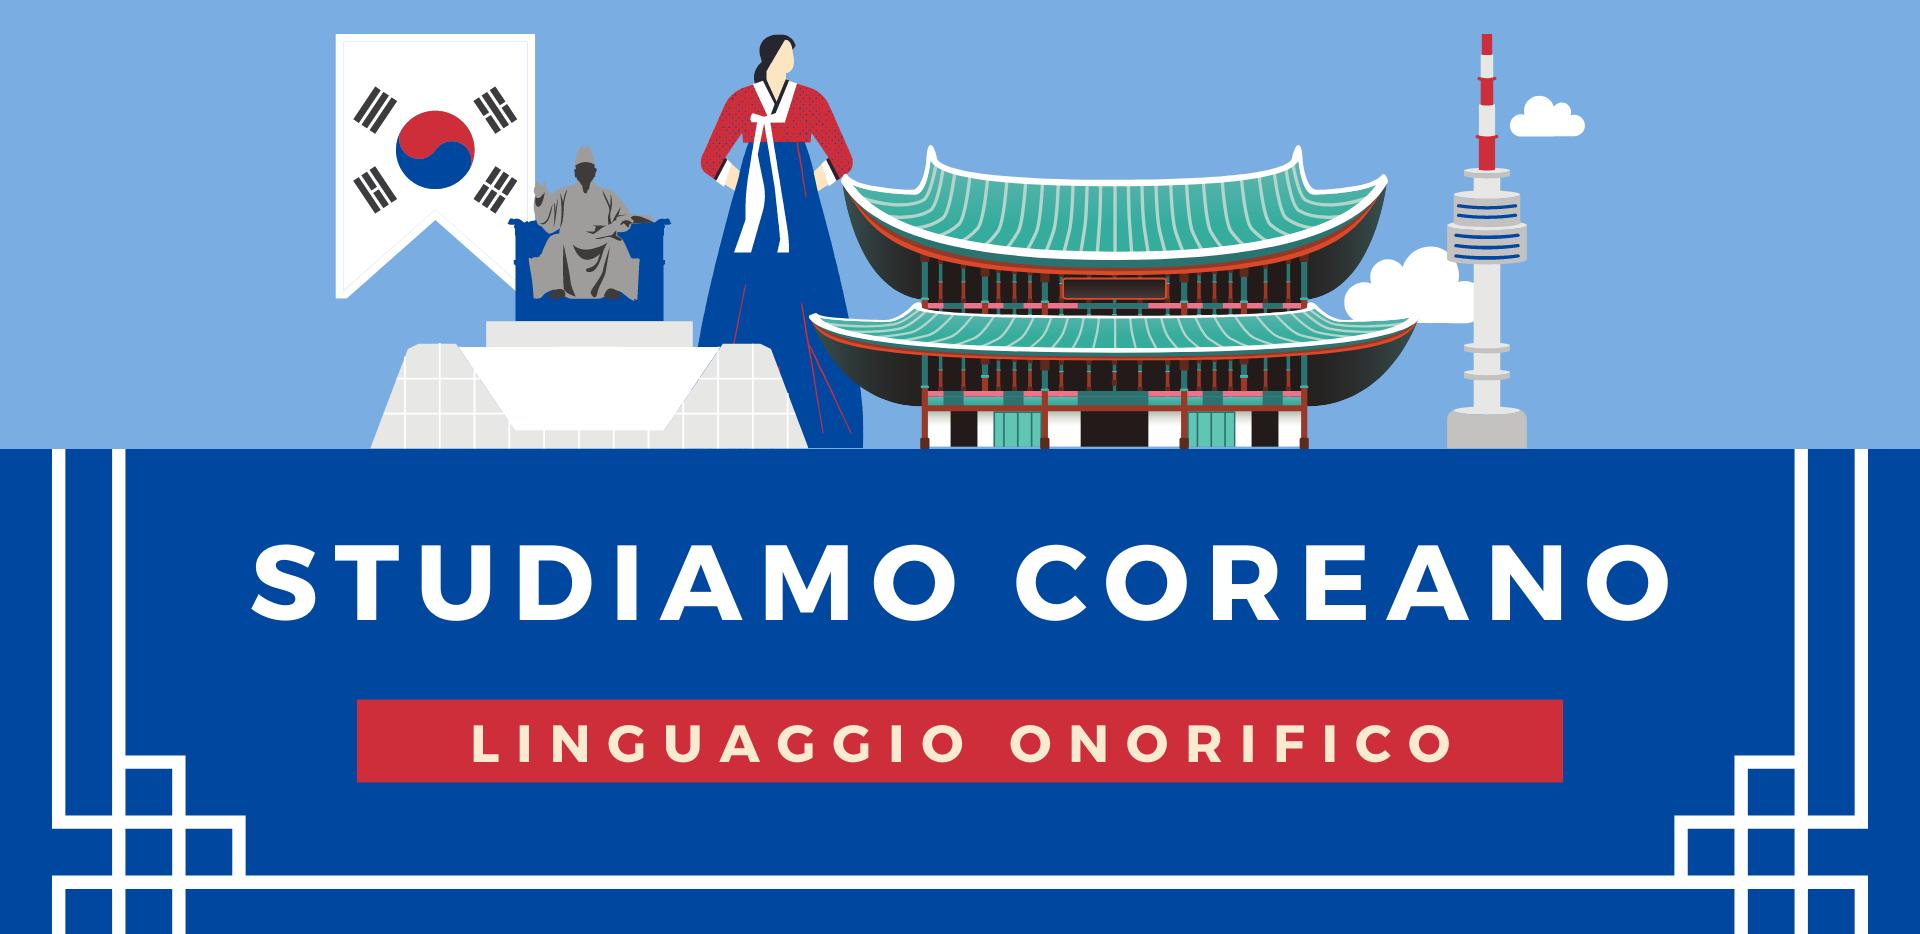 linguaggio onorifico in coreano